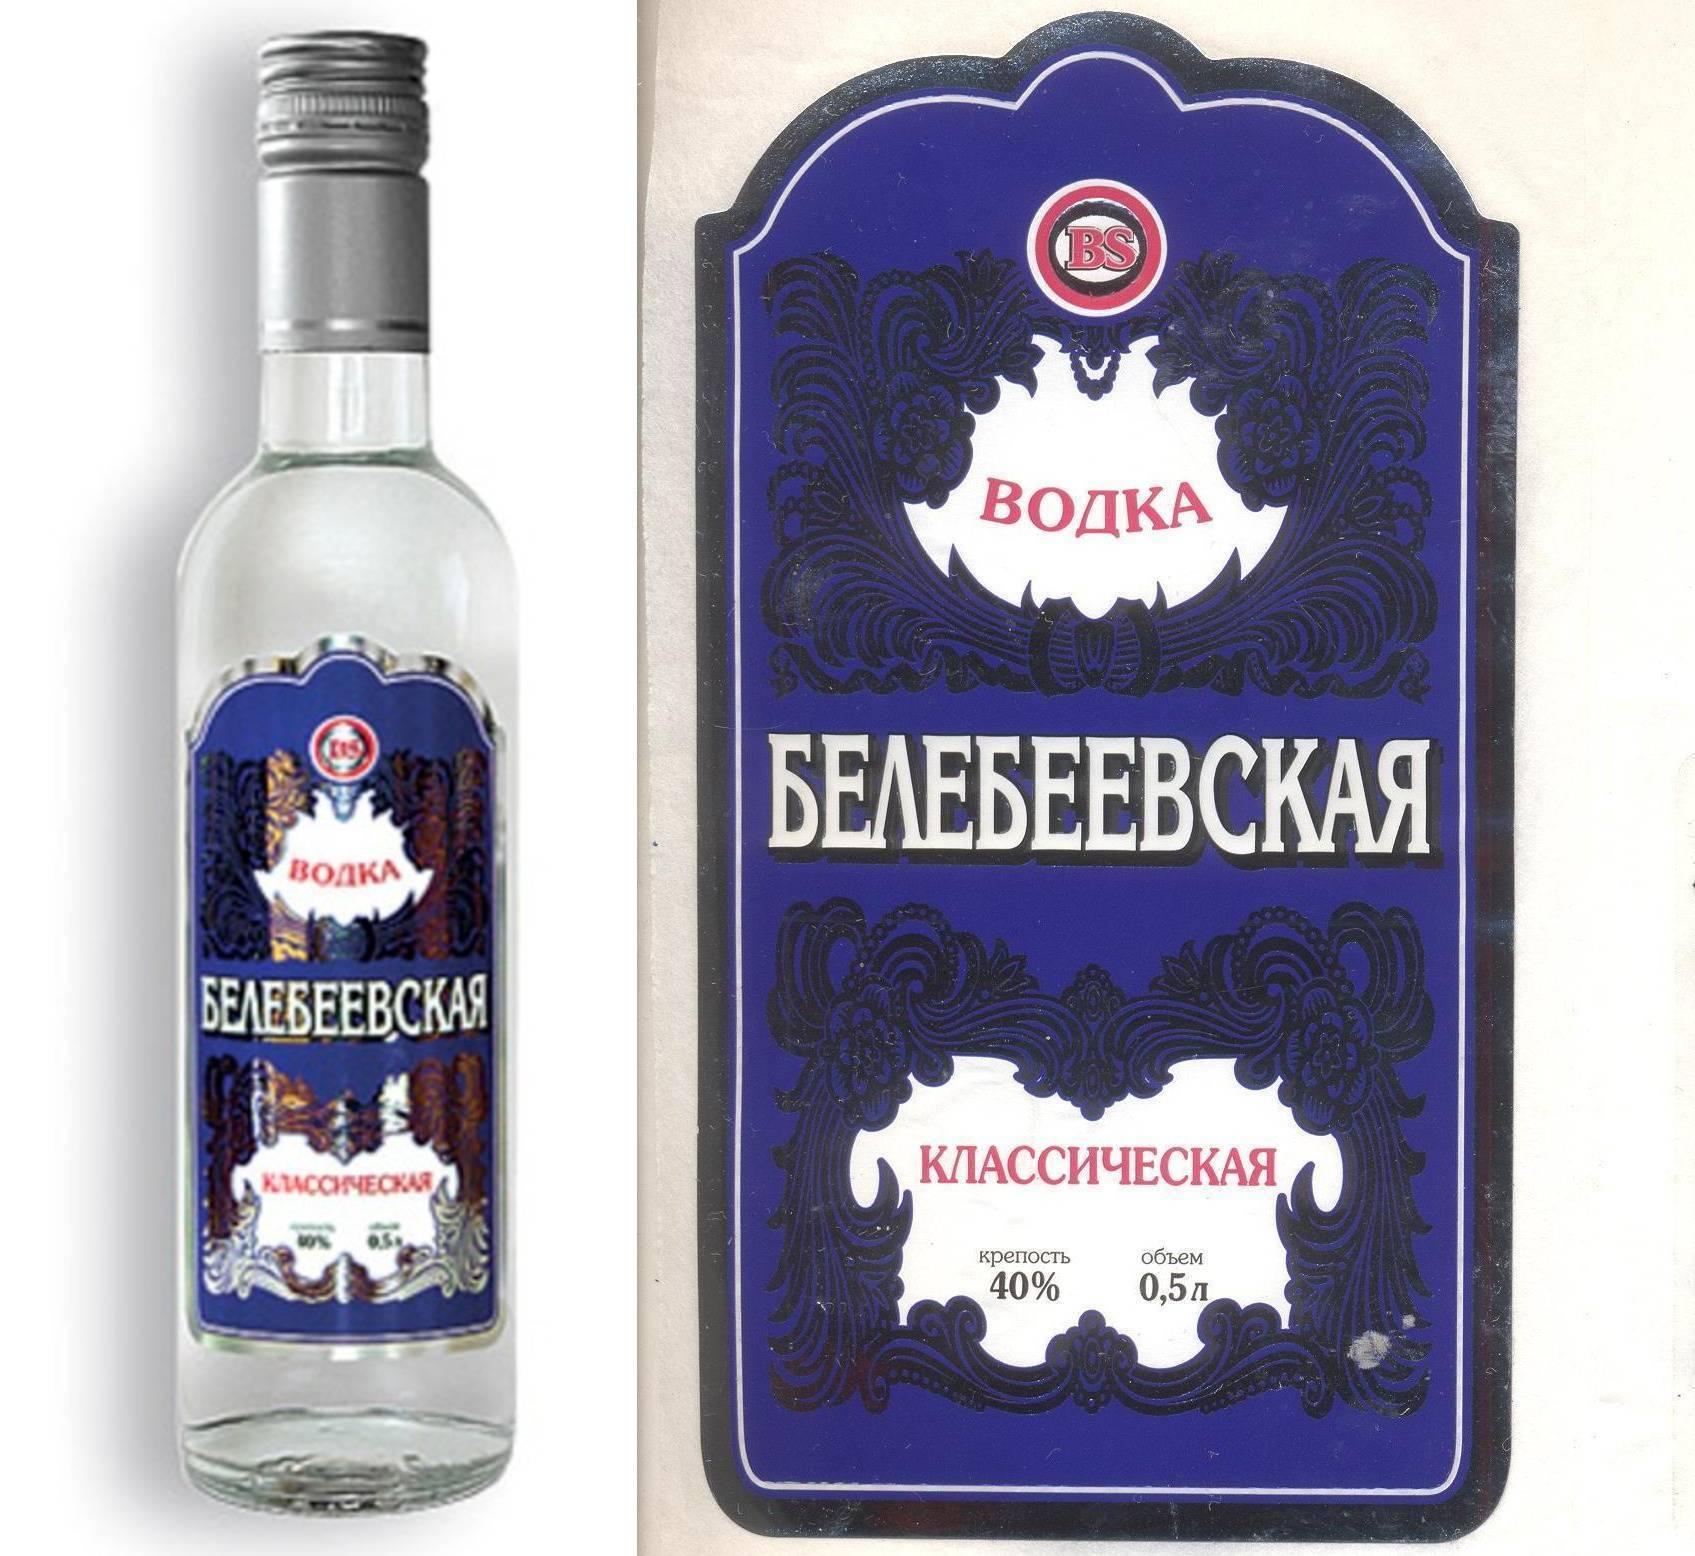 Рейтинг водки: как выбрать лучший напиток, рейтинг самой качественной водки в россии, как правильно употреблять